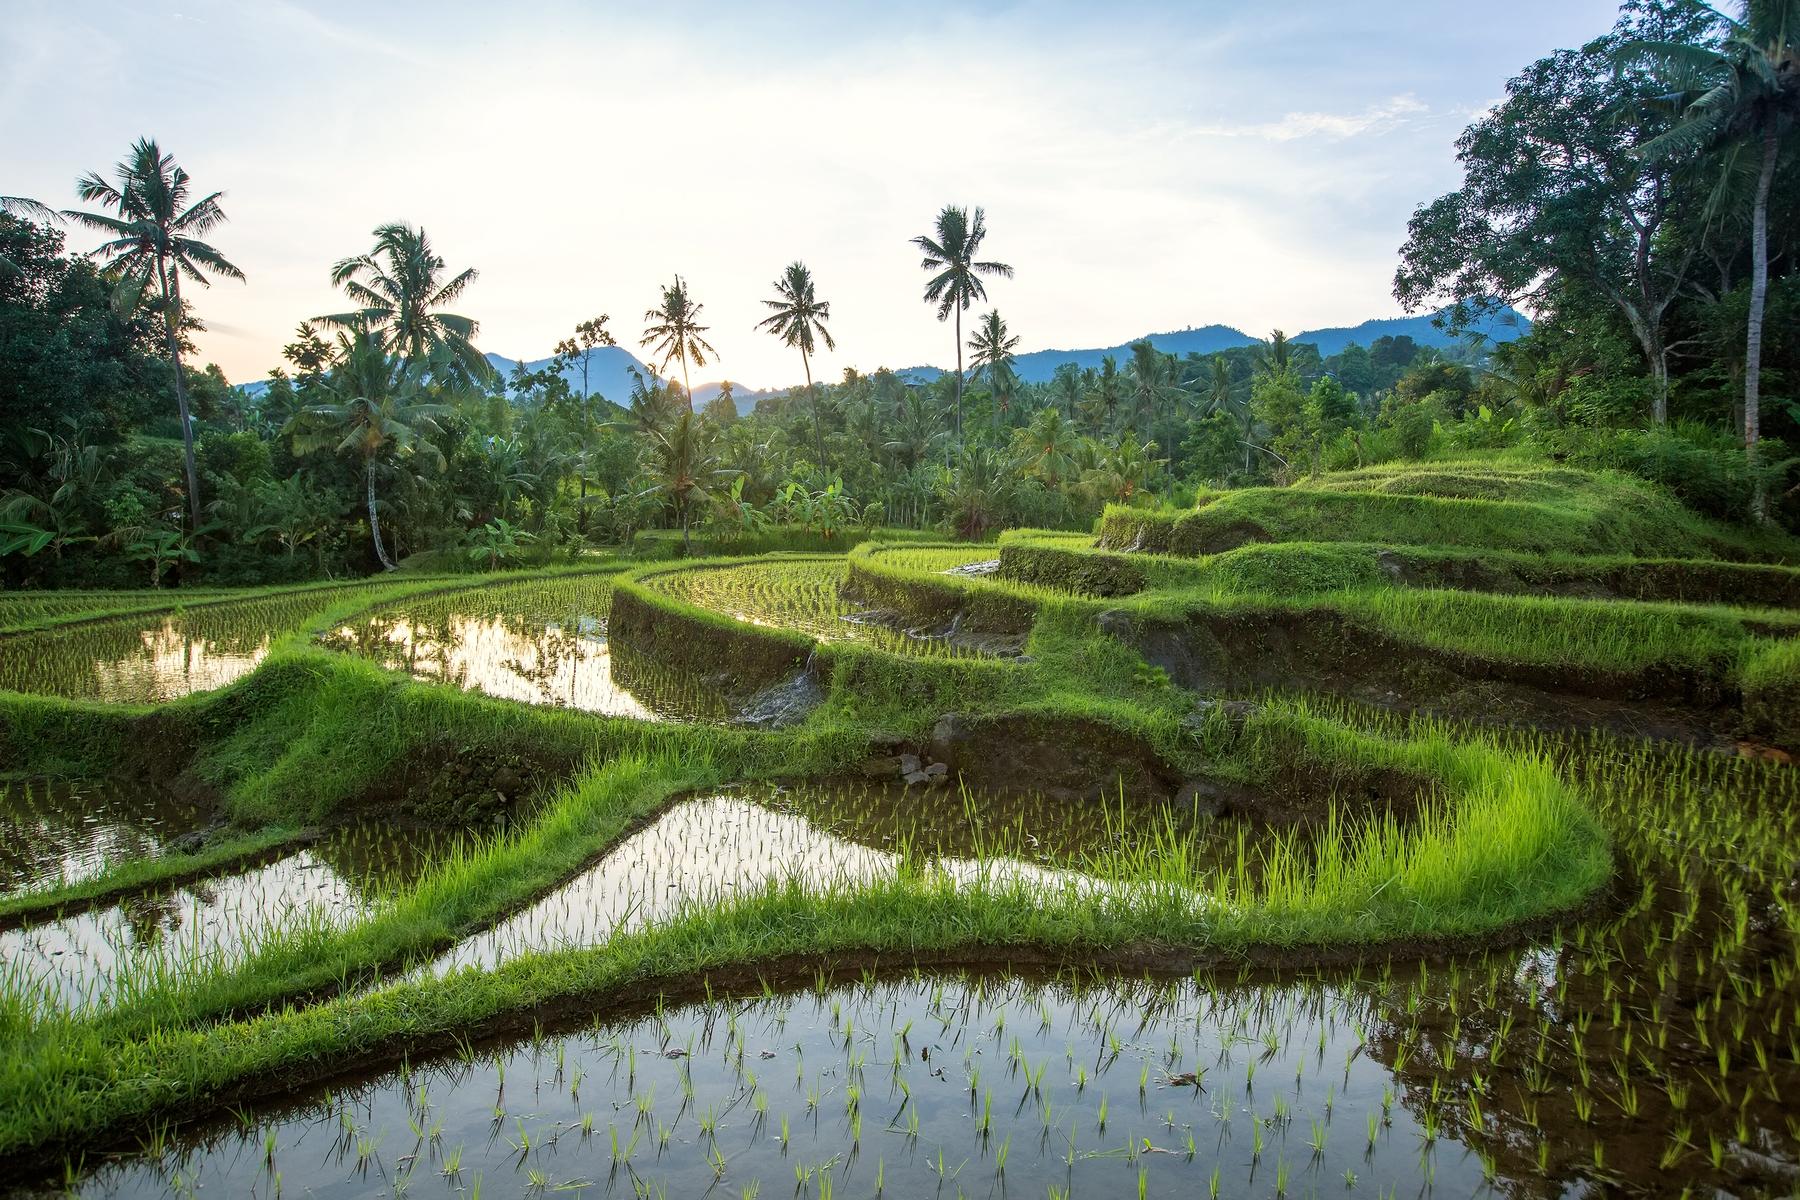 Vacaciones baratas: 17 destinos económicos: Bali